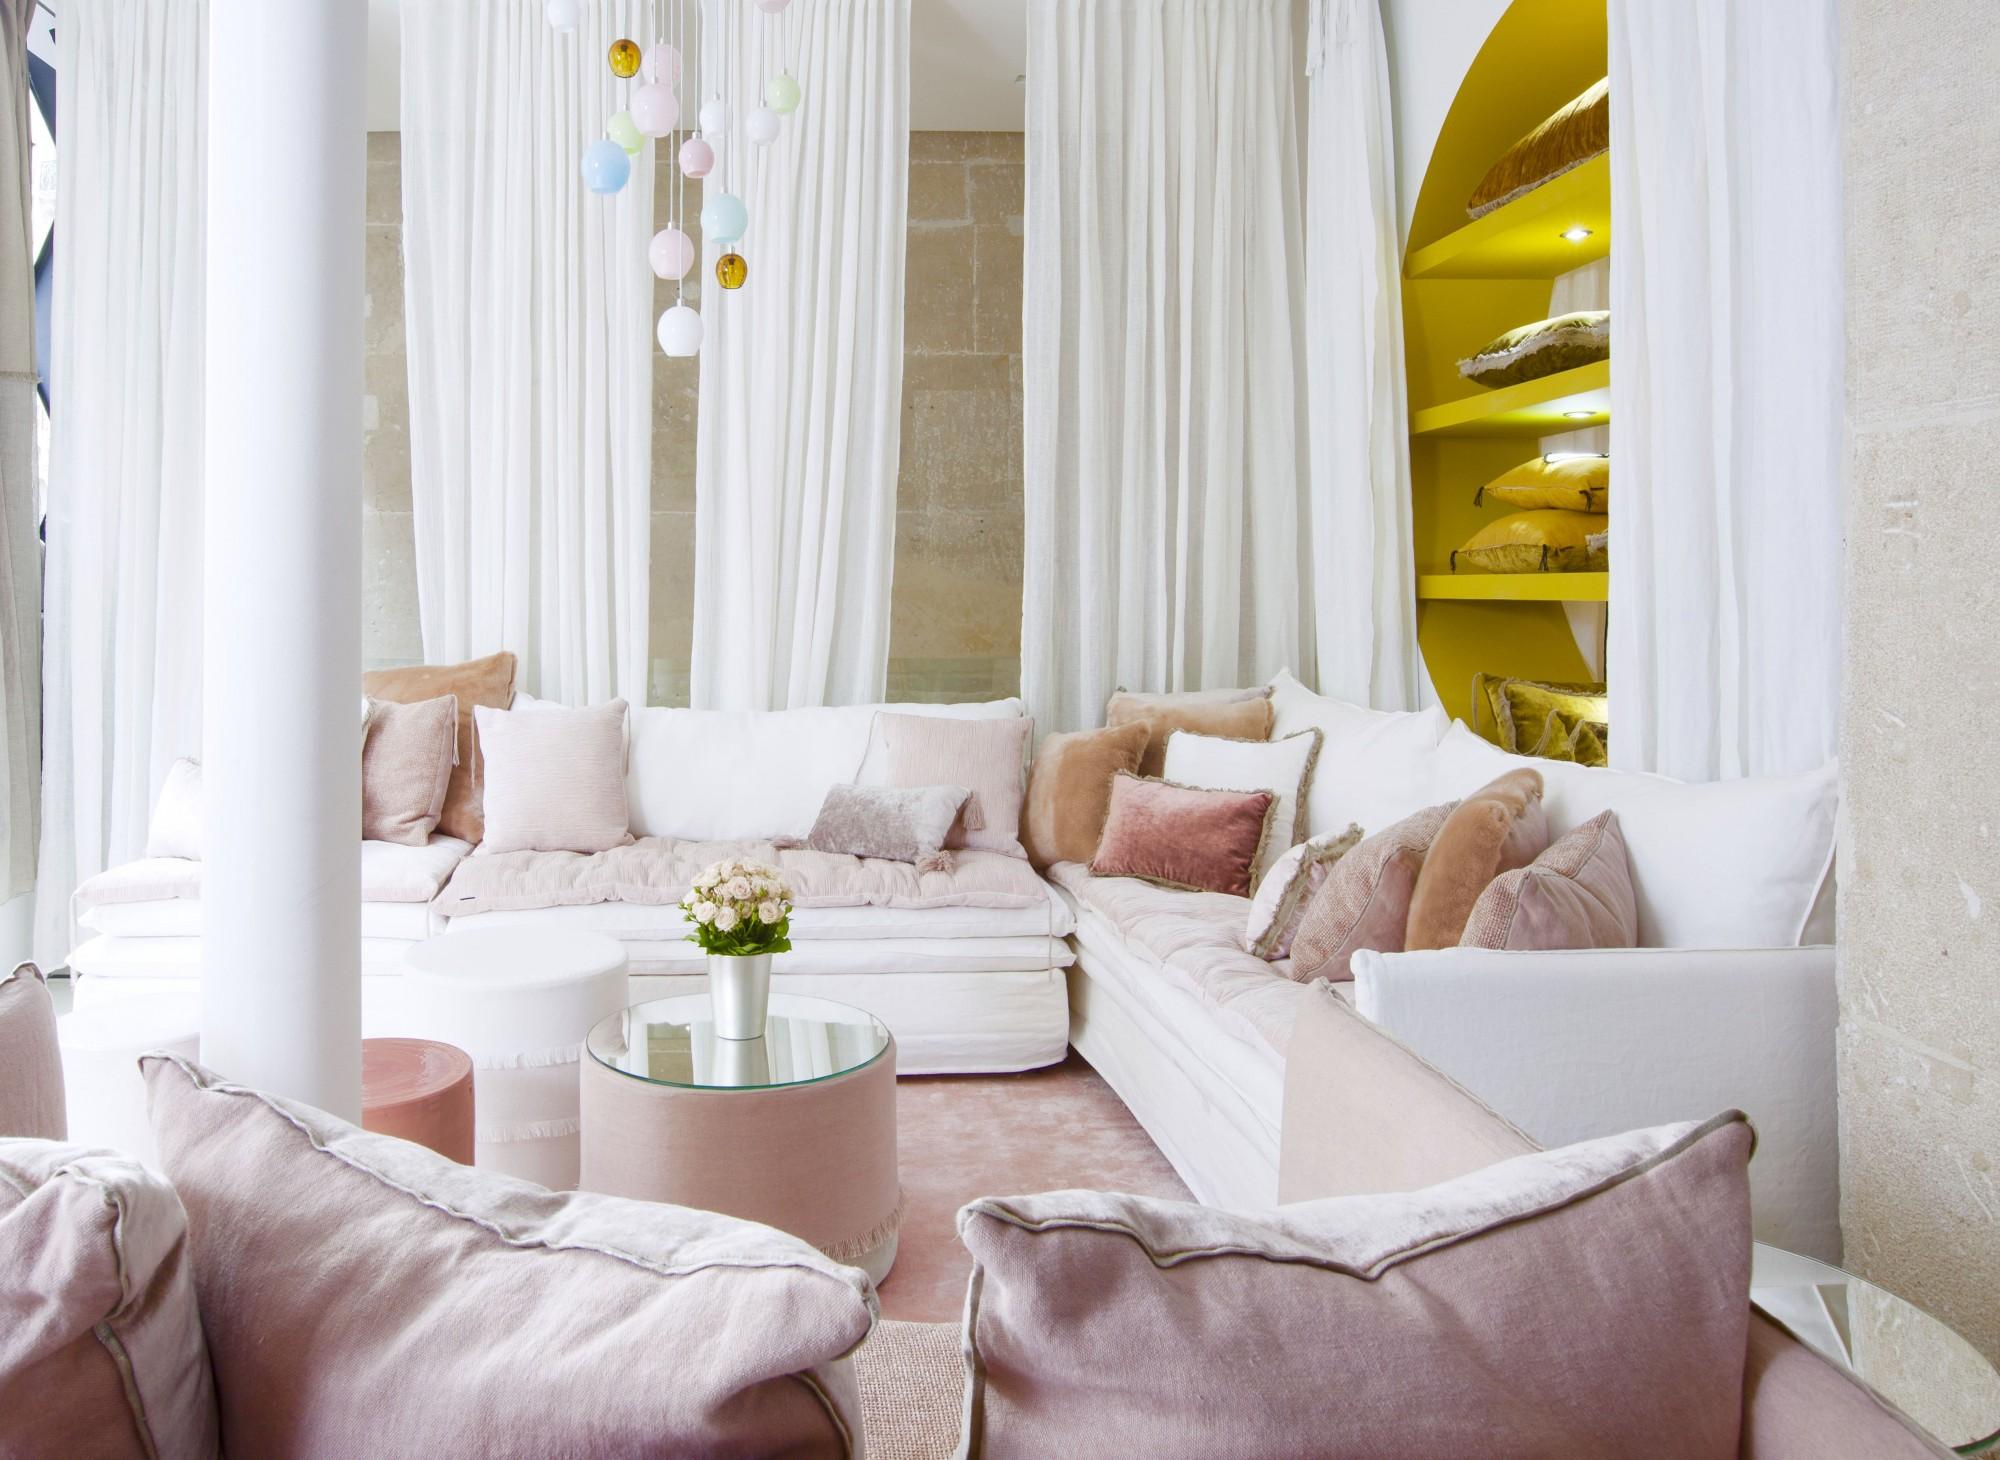 Magasin De Tissus Salon De Provence créateur de canapés outdoor sur-mesure en tissu à dubaï